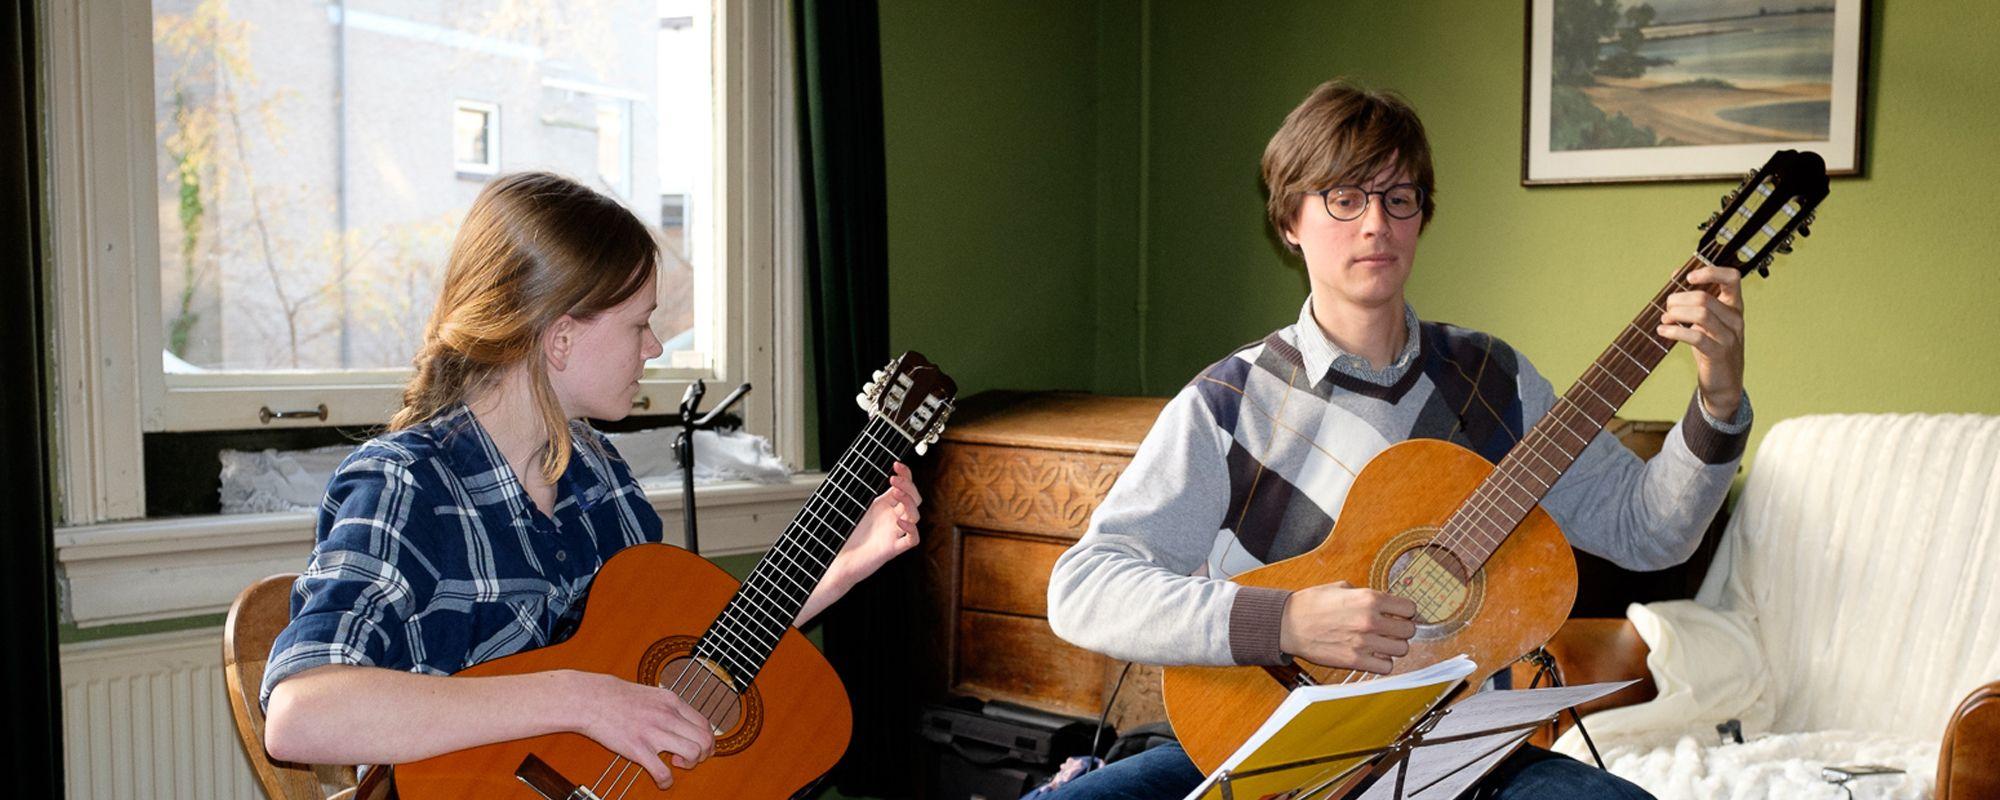 Leerling en leraar spelen samen gitaar